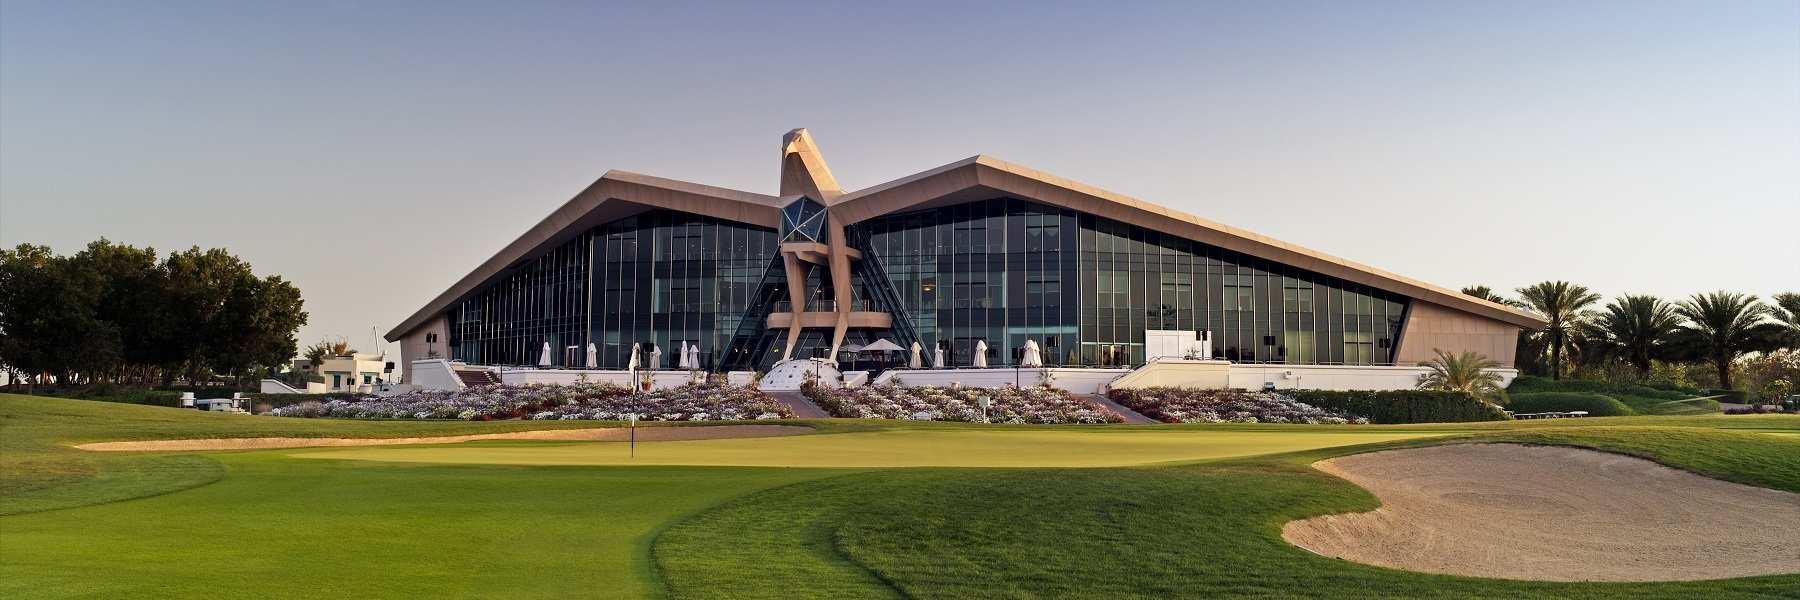 """Abu Dhabi Golf Club """"The Home of Champions"""" e vai receber a """"world's elite"""" apenas duas semanas antes do Pro-Am"""